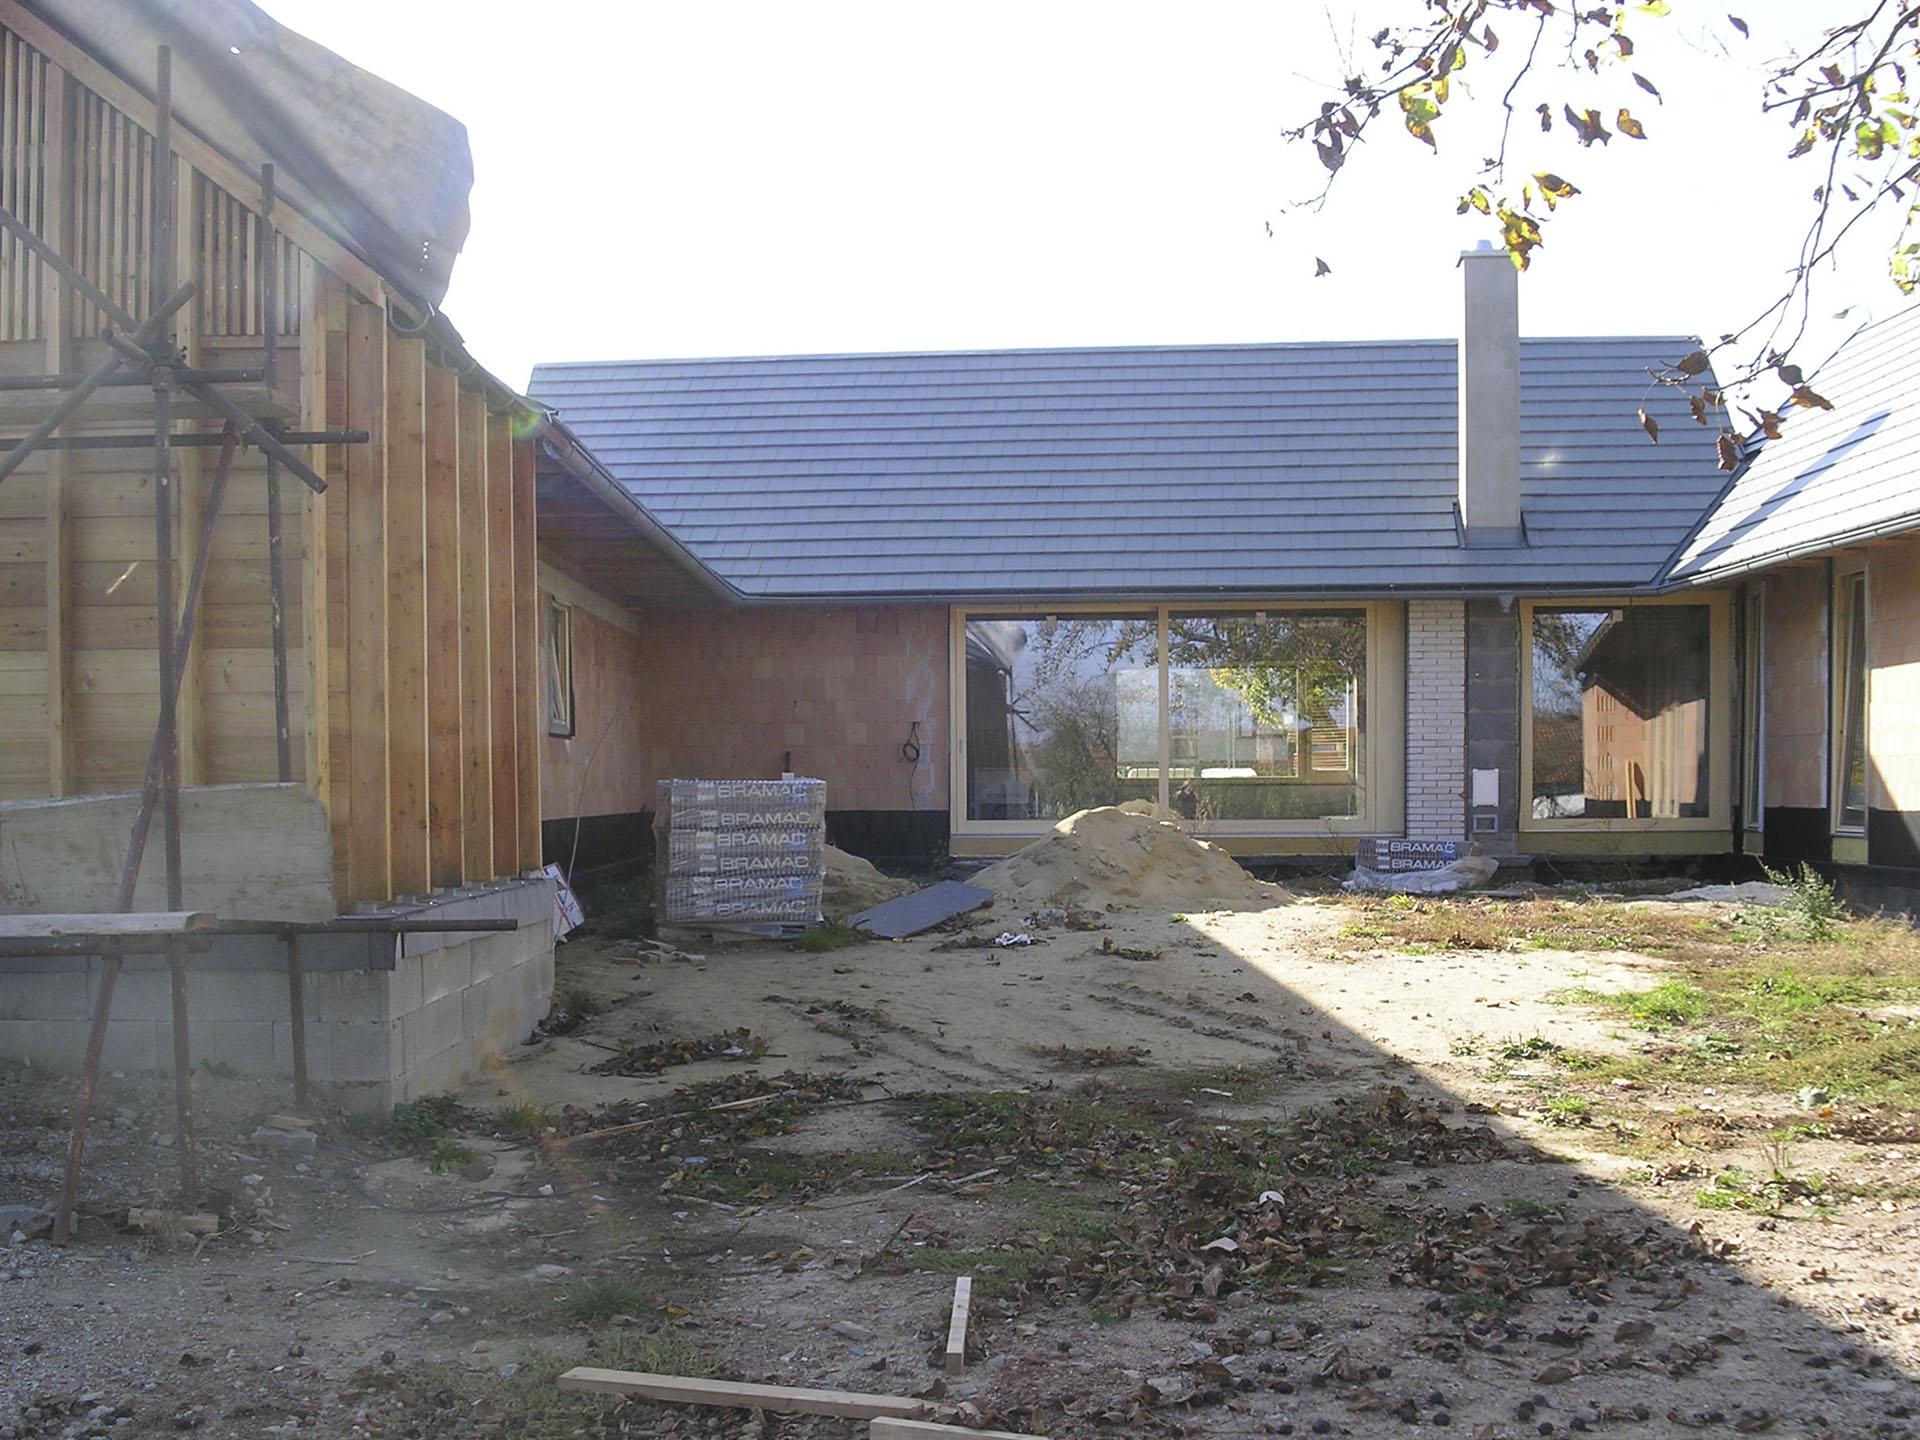 Soukromý dvůr rodinného domu ve Slavkově